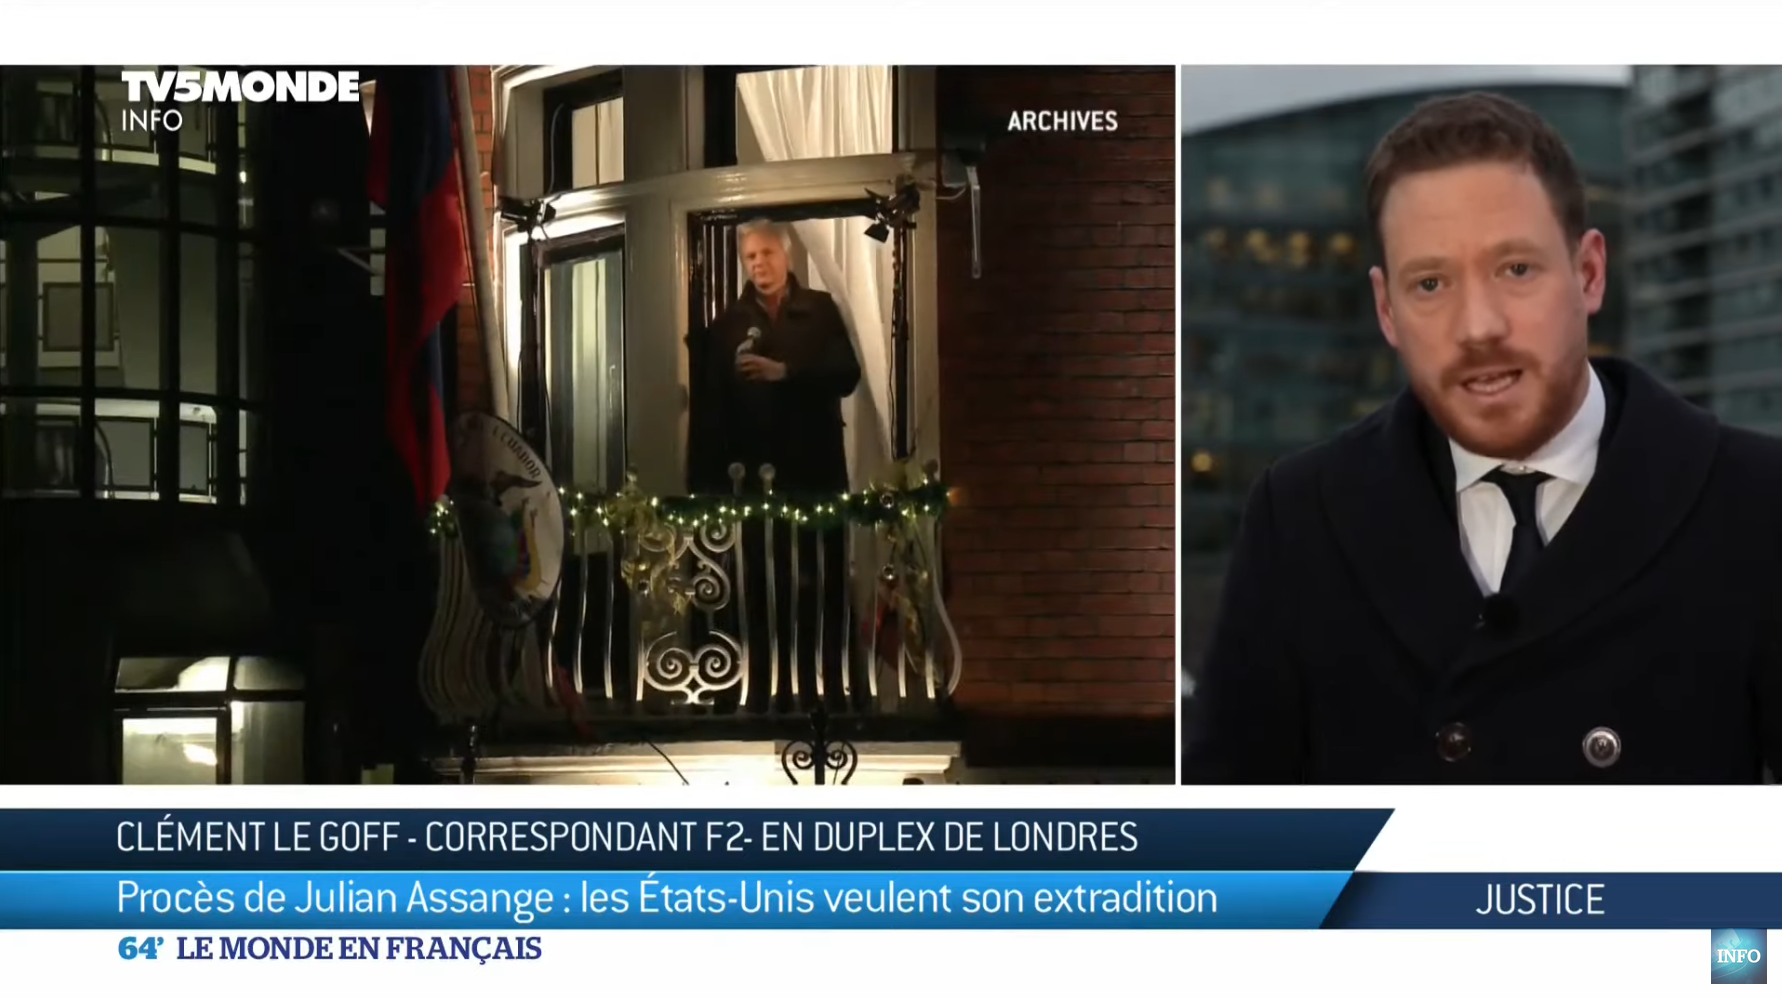 Procès de Julian Assange : les États-Unis veulent son extradition (DÉCRYPTAGE)